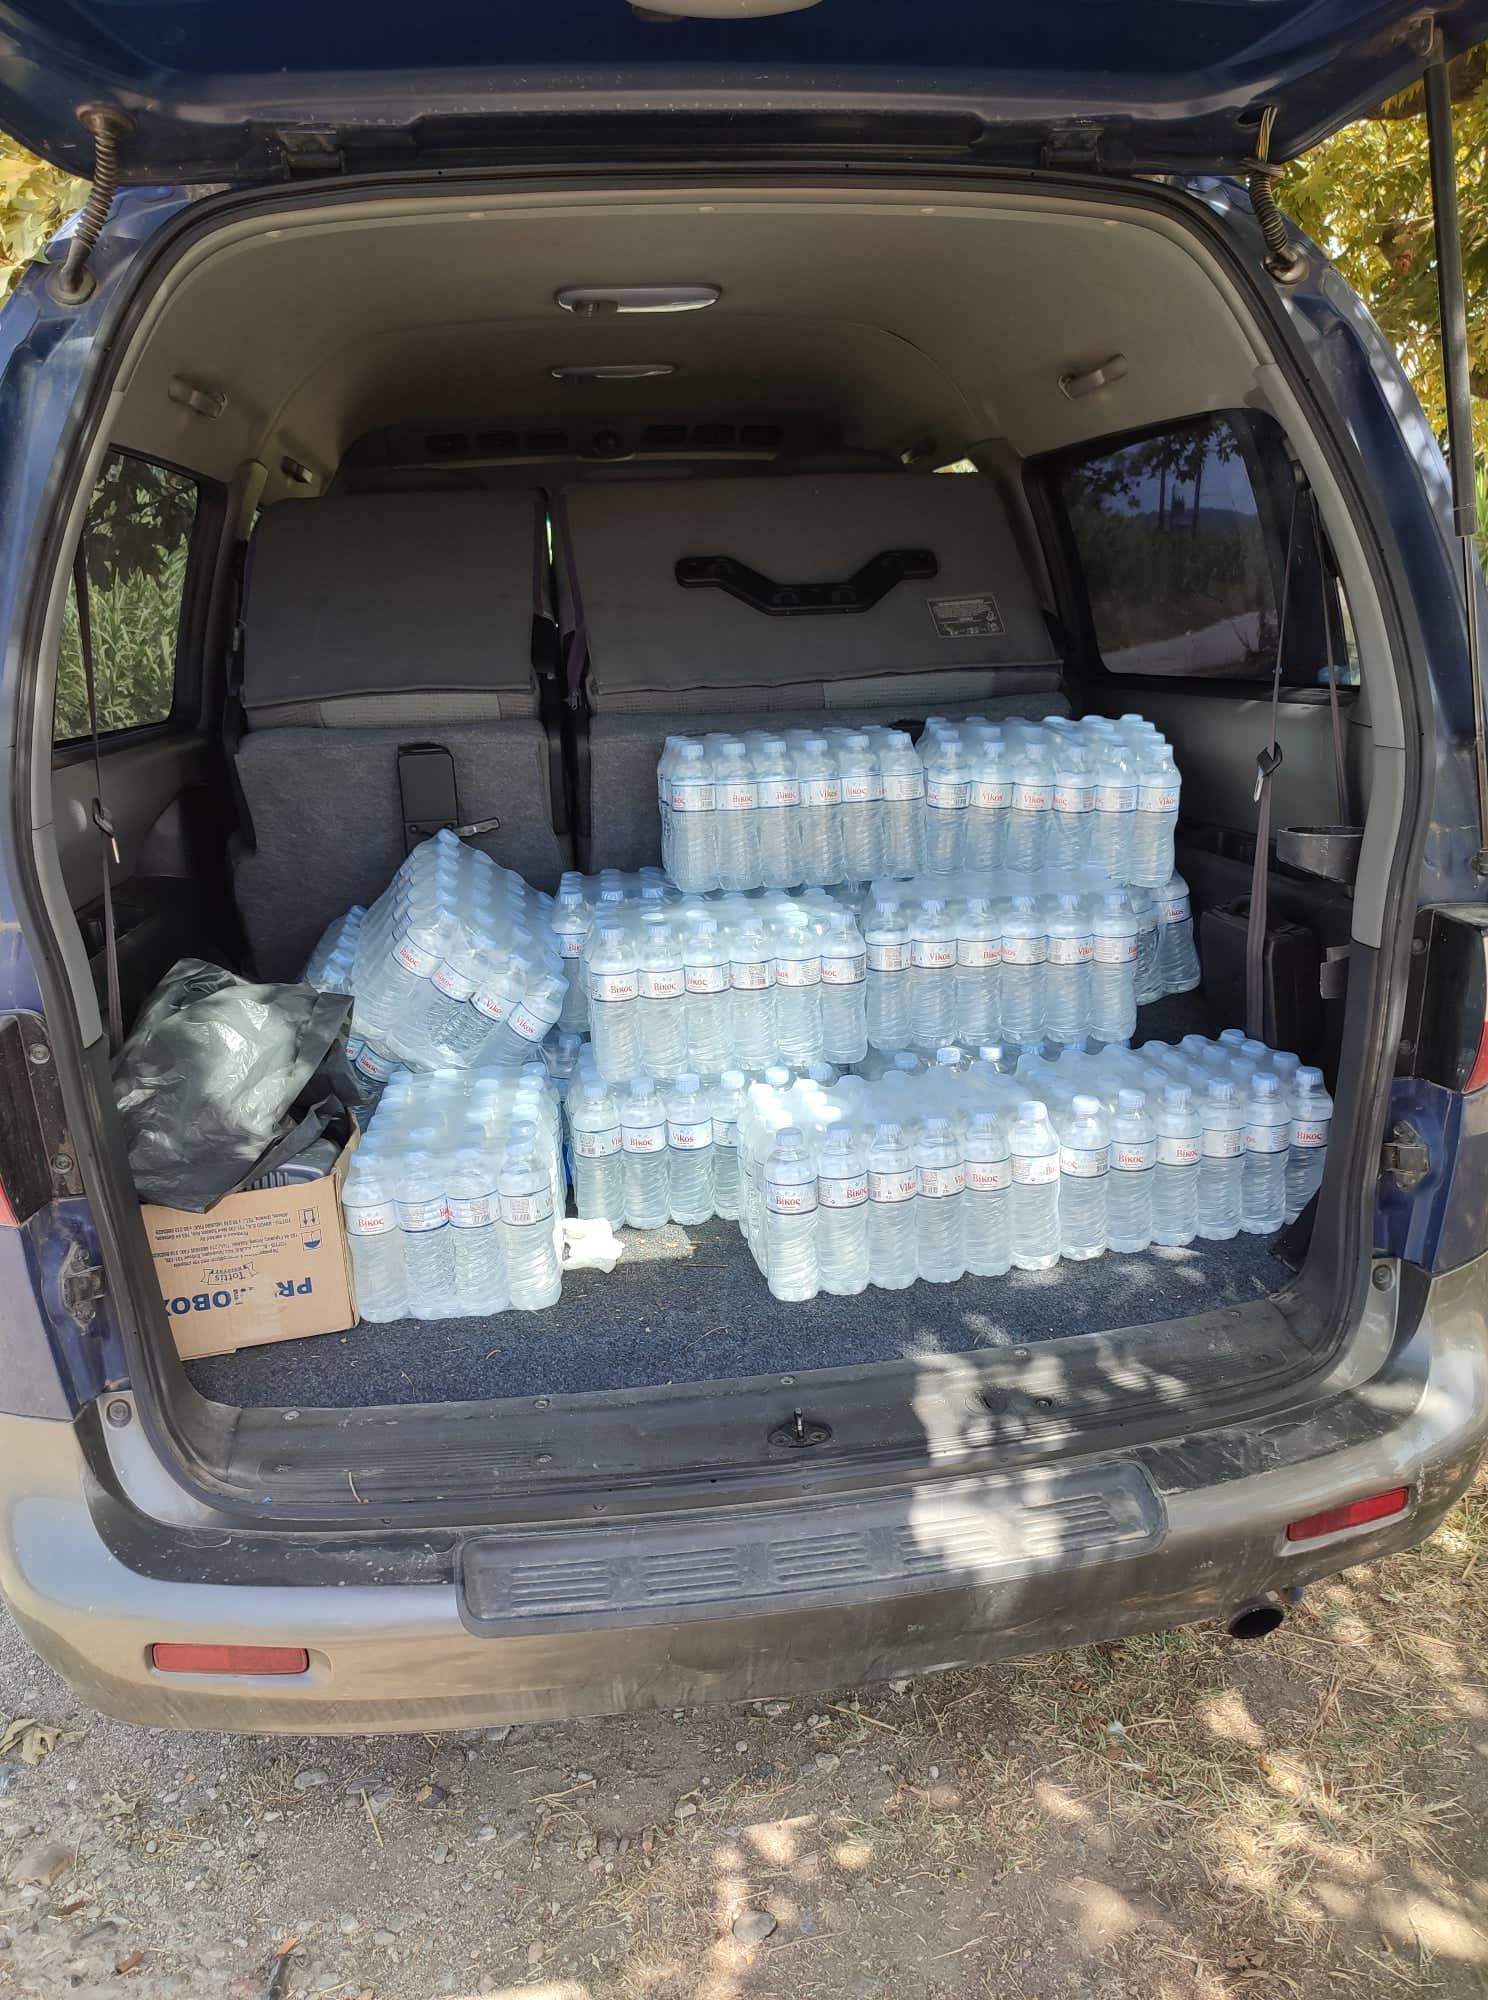 Δήμος Πύργου: Διανομή νερών σε ευπαθείς ομάδες